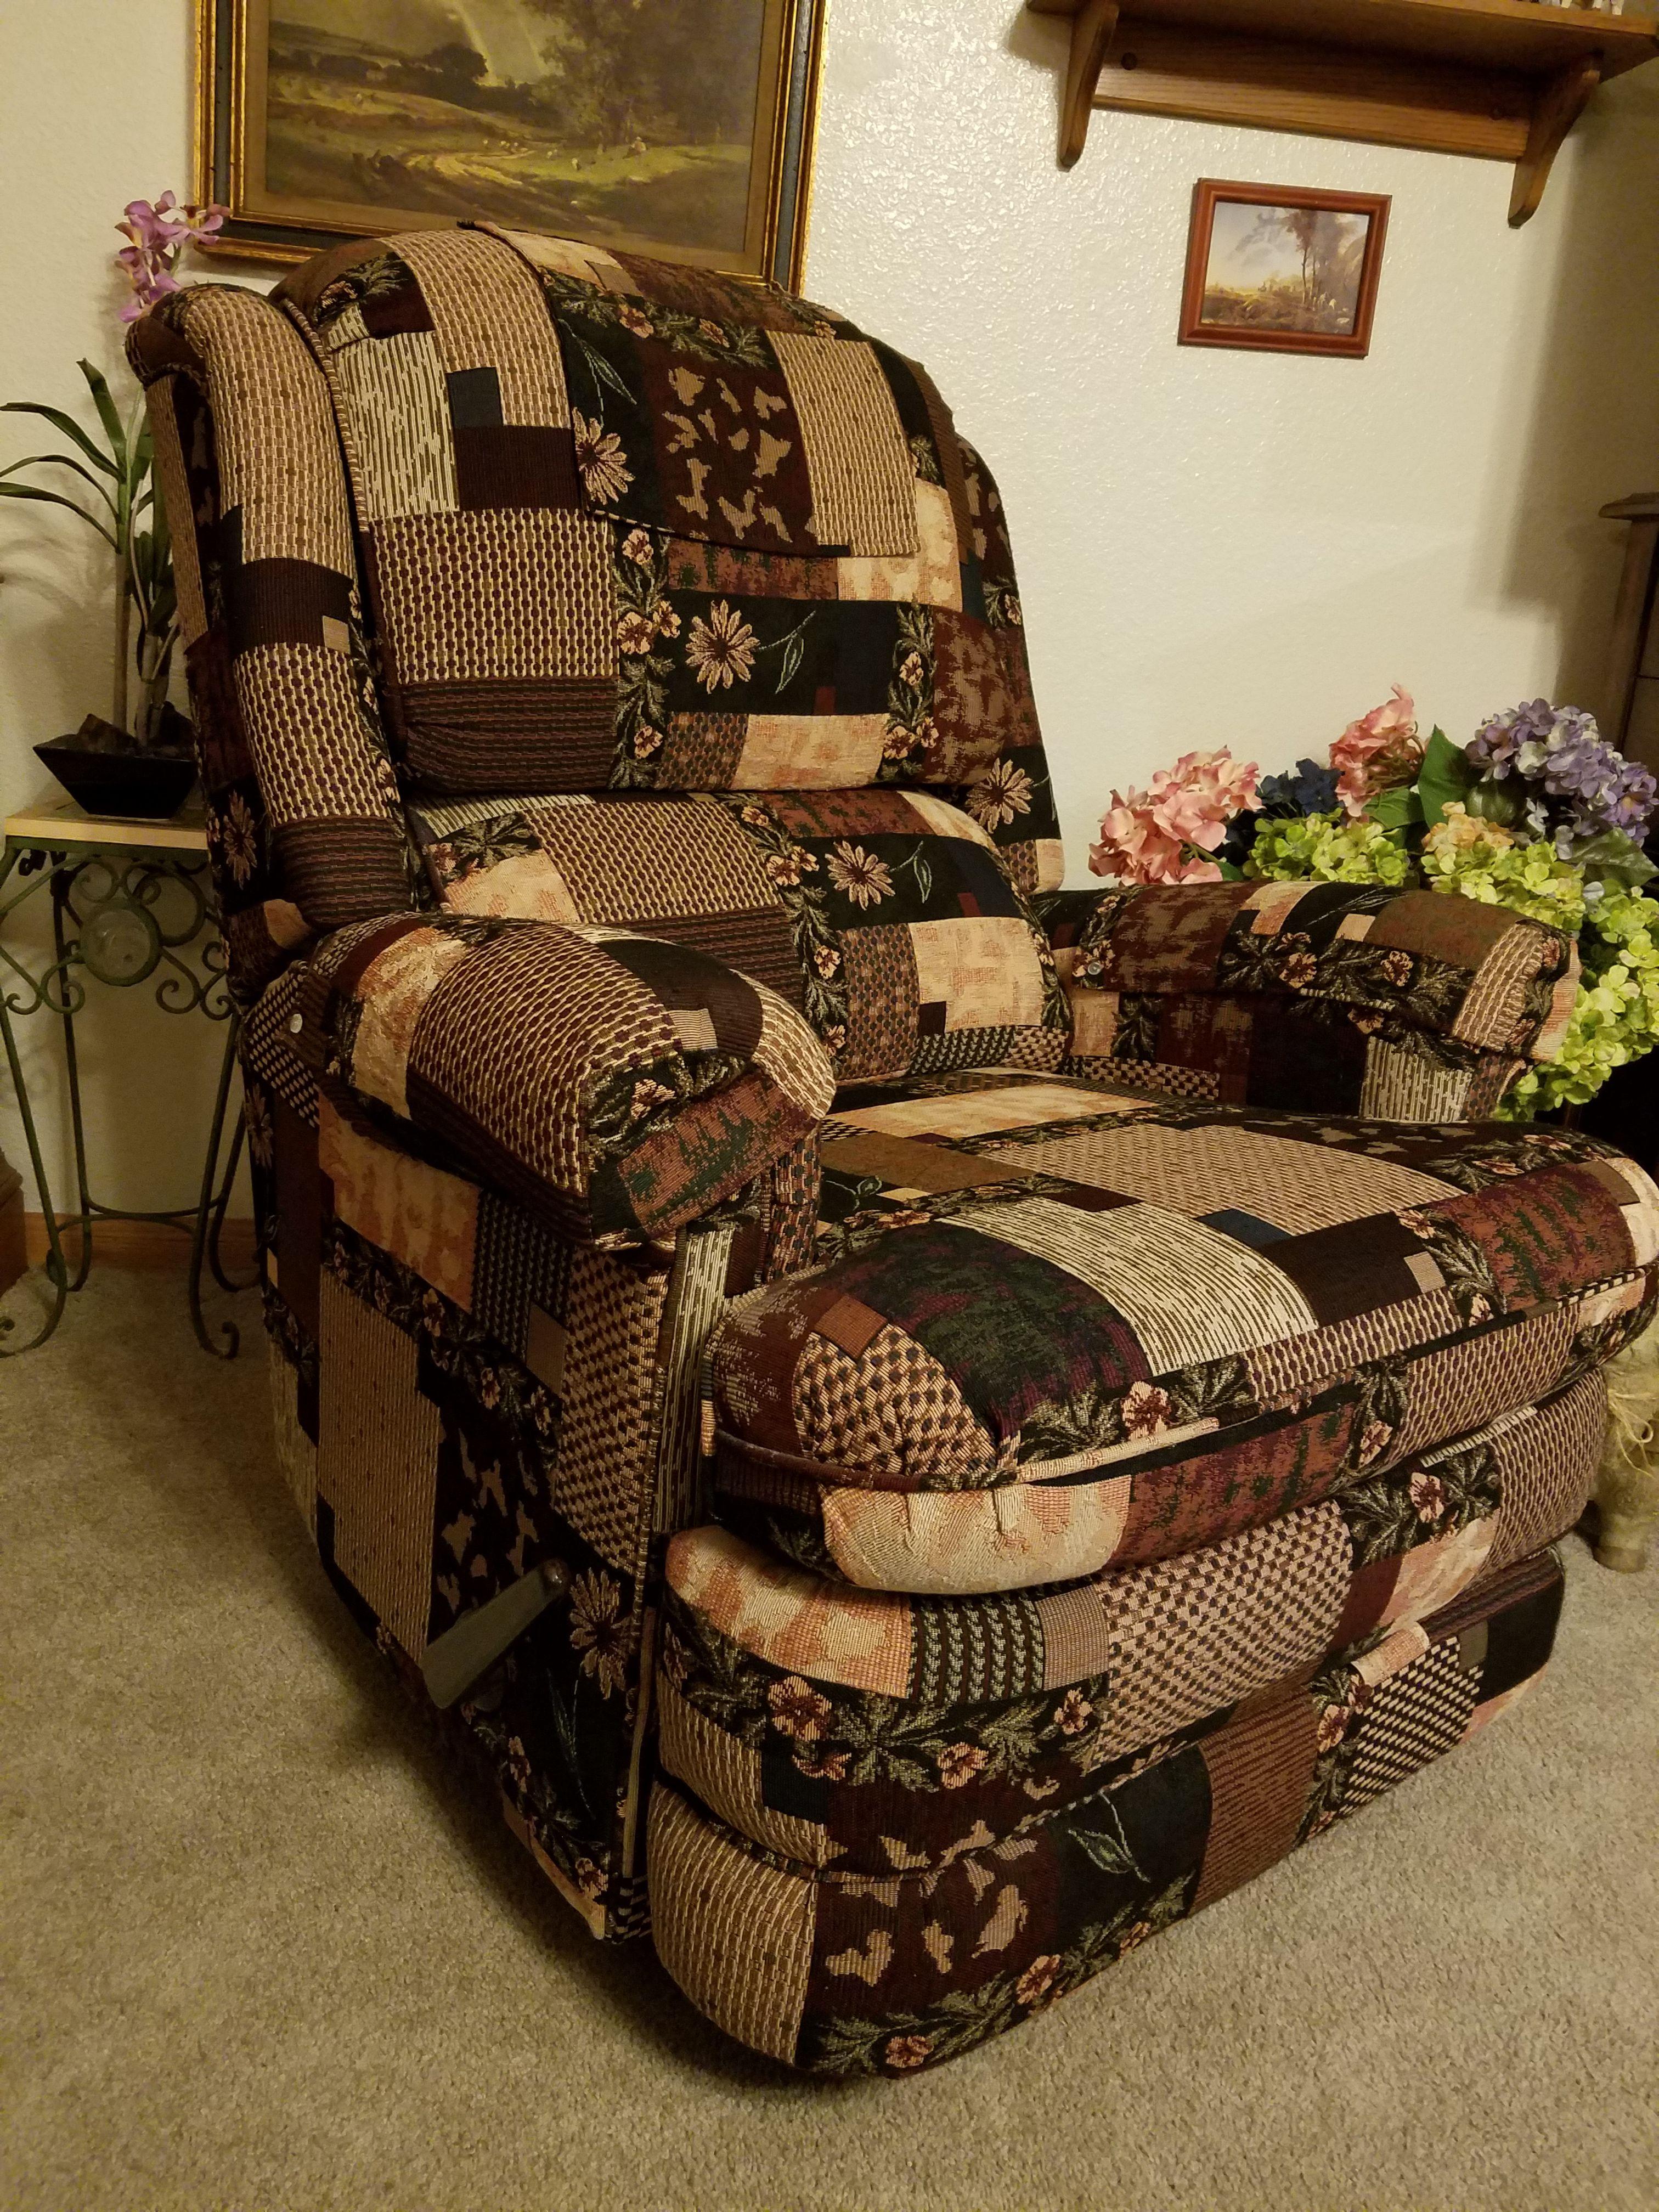 Rocker/Recliner Chair image 1